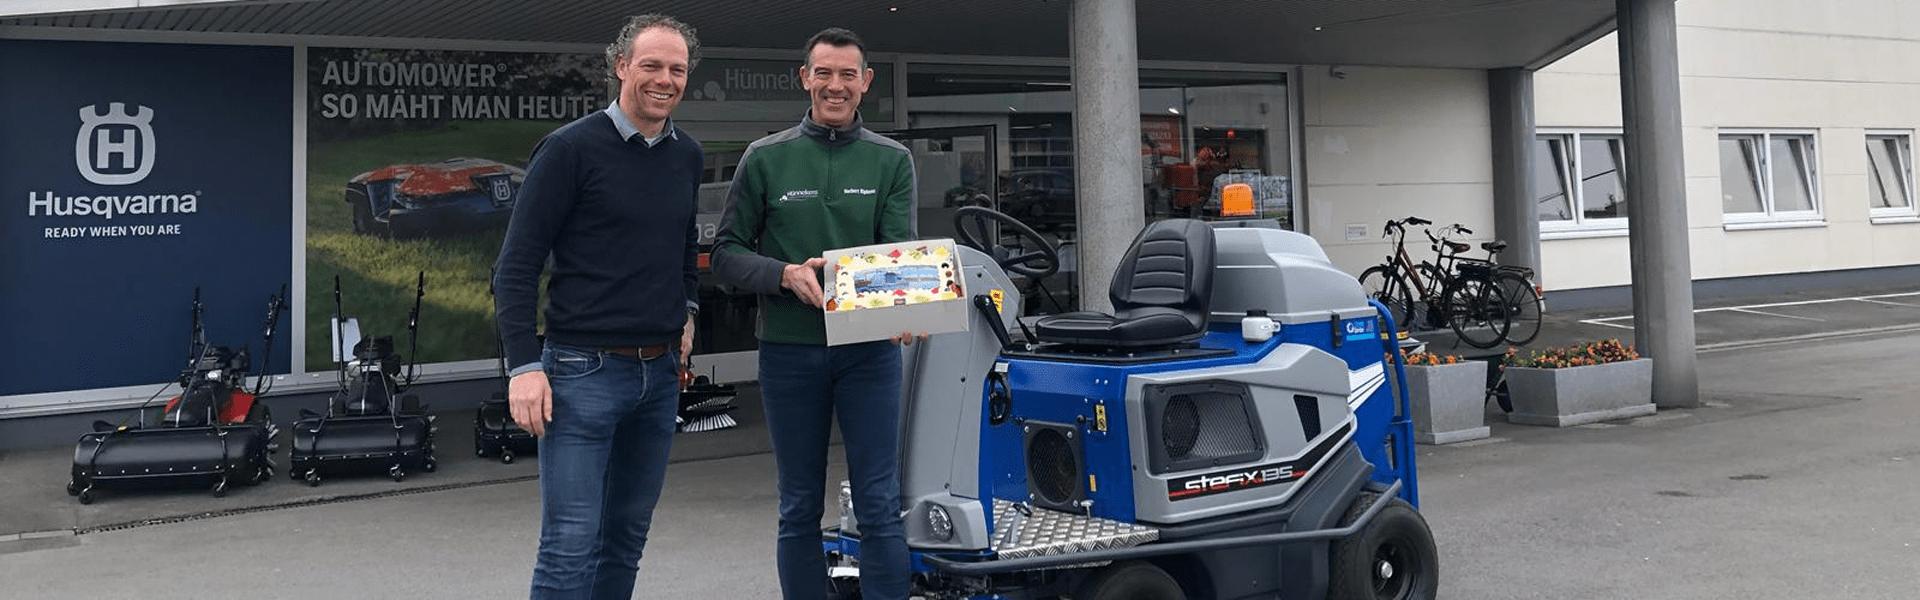 Steenks Service erreicht Meilenstein: 100ste Lieferung Stefix 135 Bändchengewebe-Kehrmaschine!